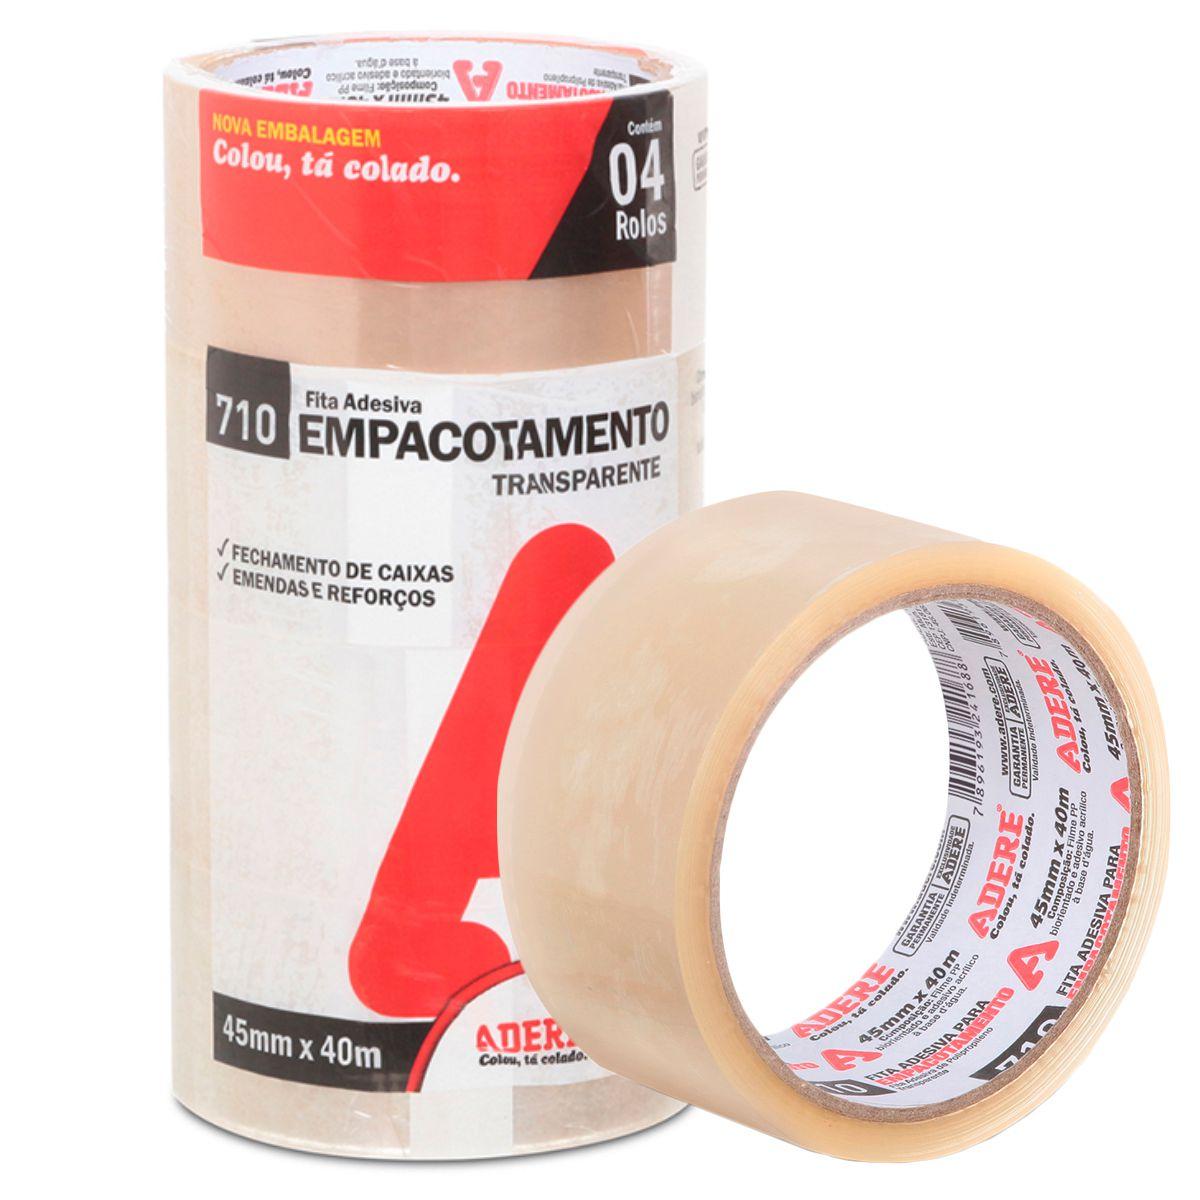 Fita Adesiva Transparente Embalagem 45mm X 40m Pct 4 unid